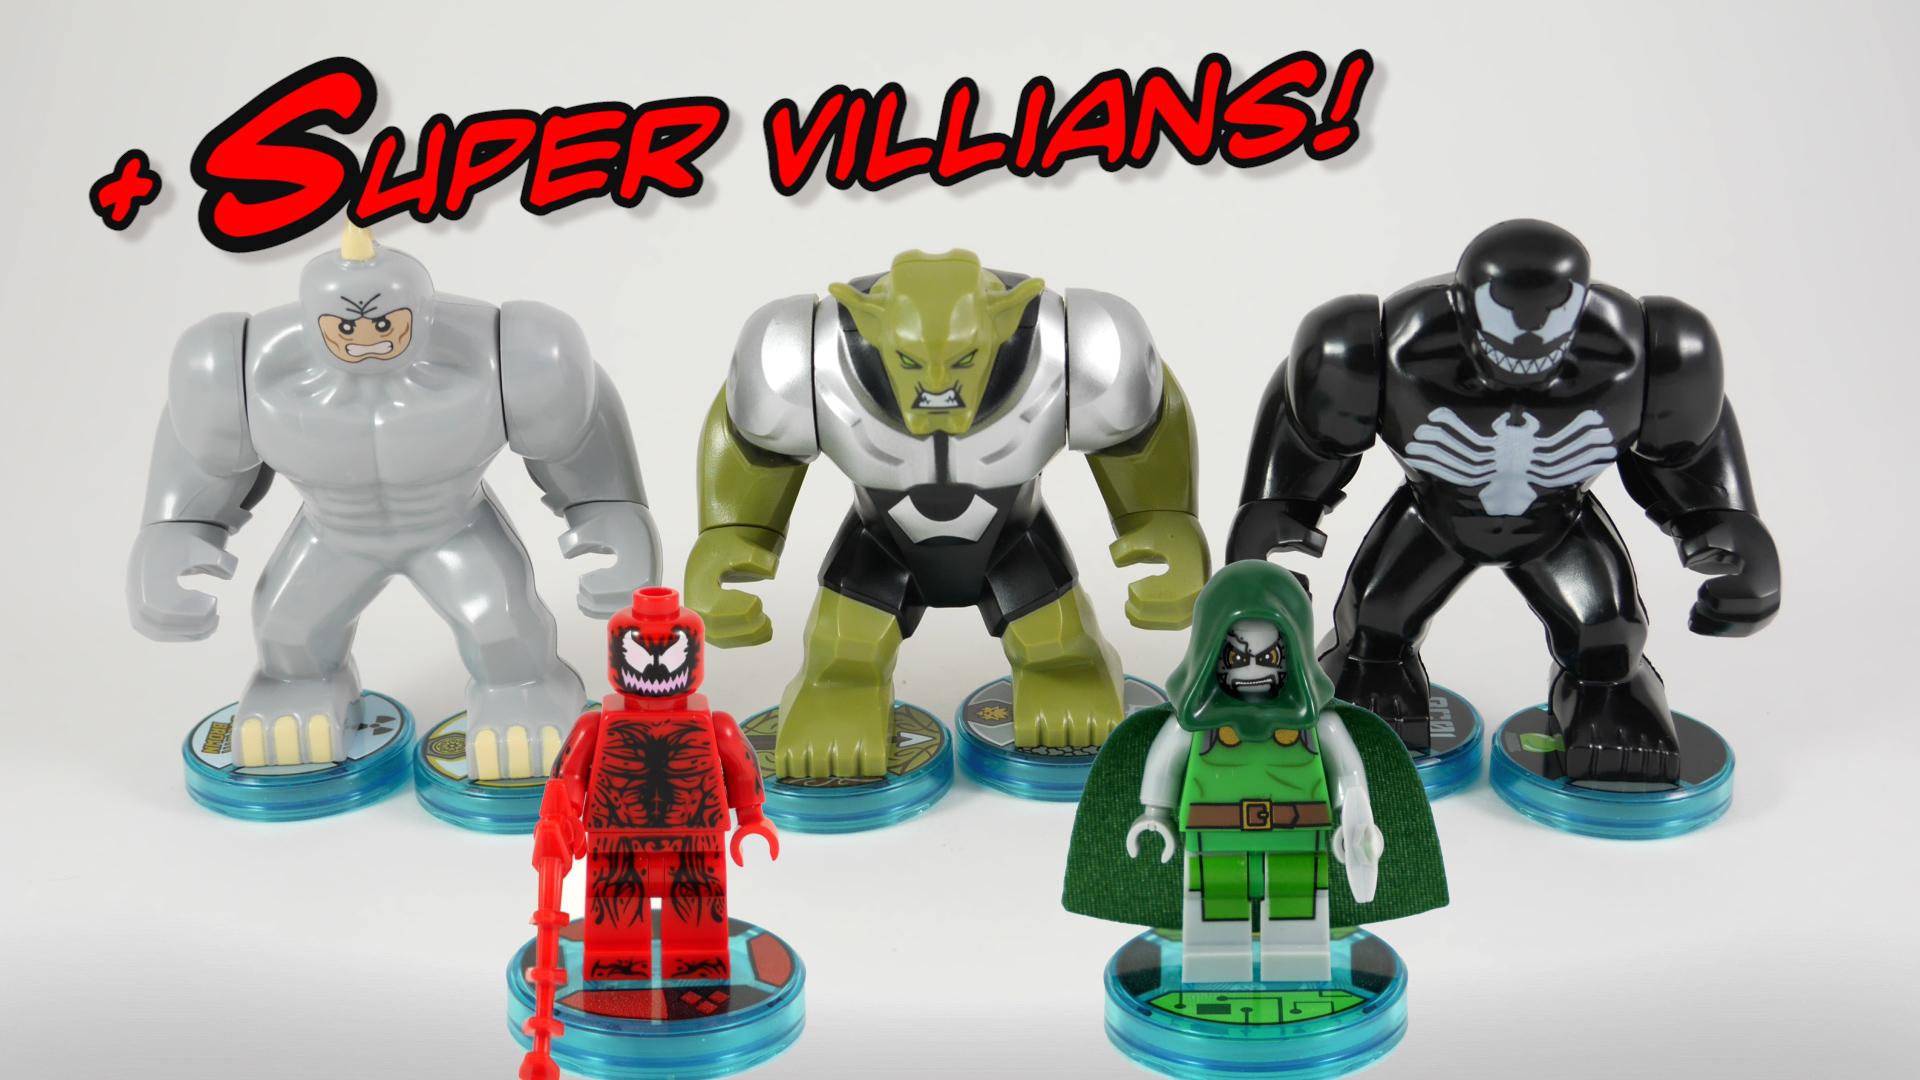 Lego Spiderman Malvorlagen Star Wars 1 Lego Spiderman: Spider-man Super Villians Join Lego Dimensions